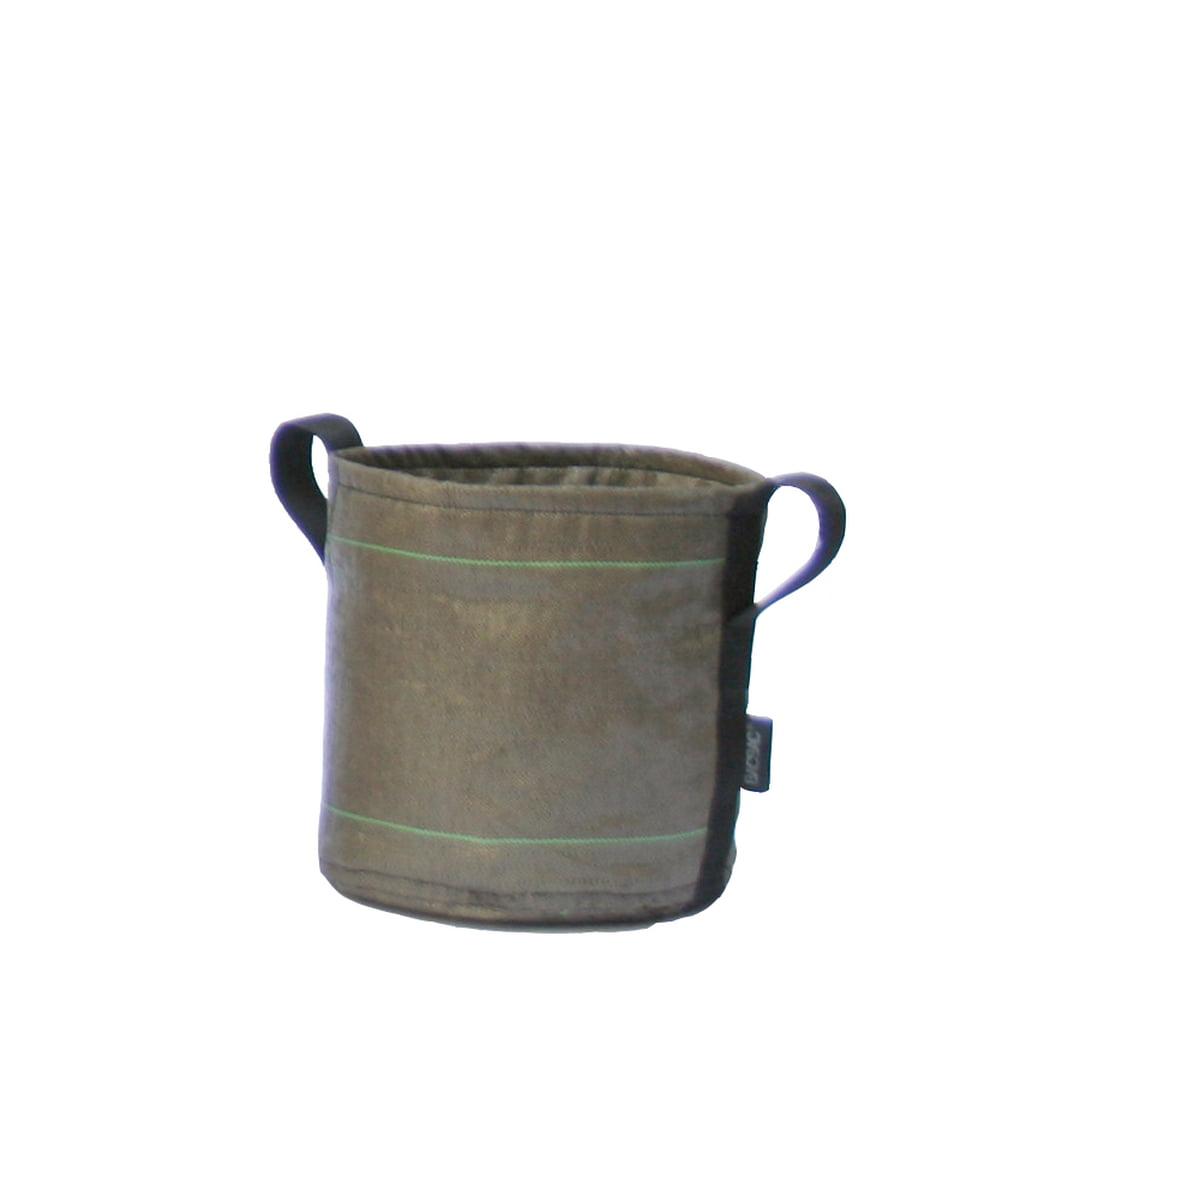 BACSAC - Pot Pflanztasche Geotextil 10 l, braun